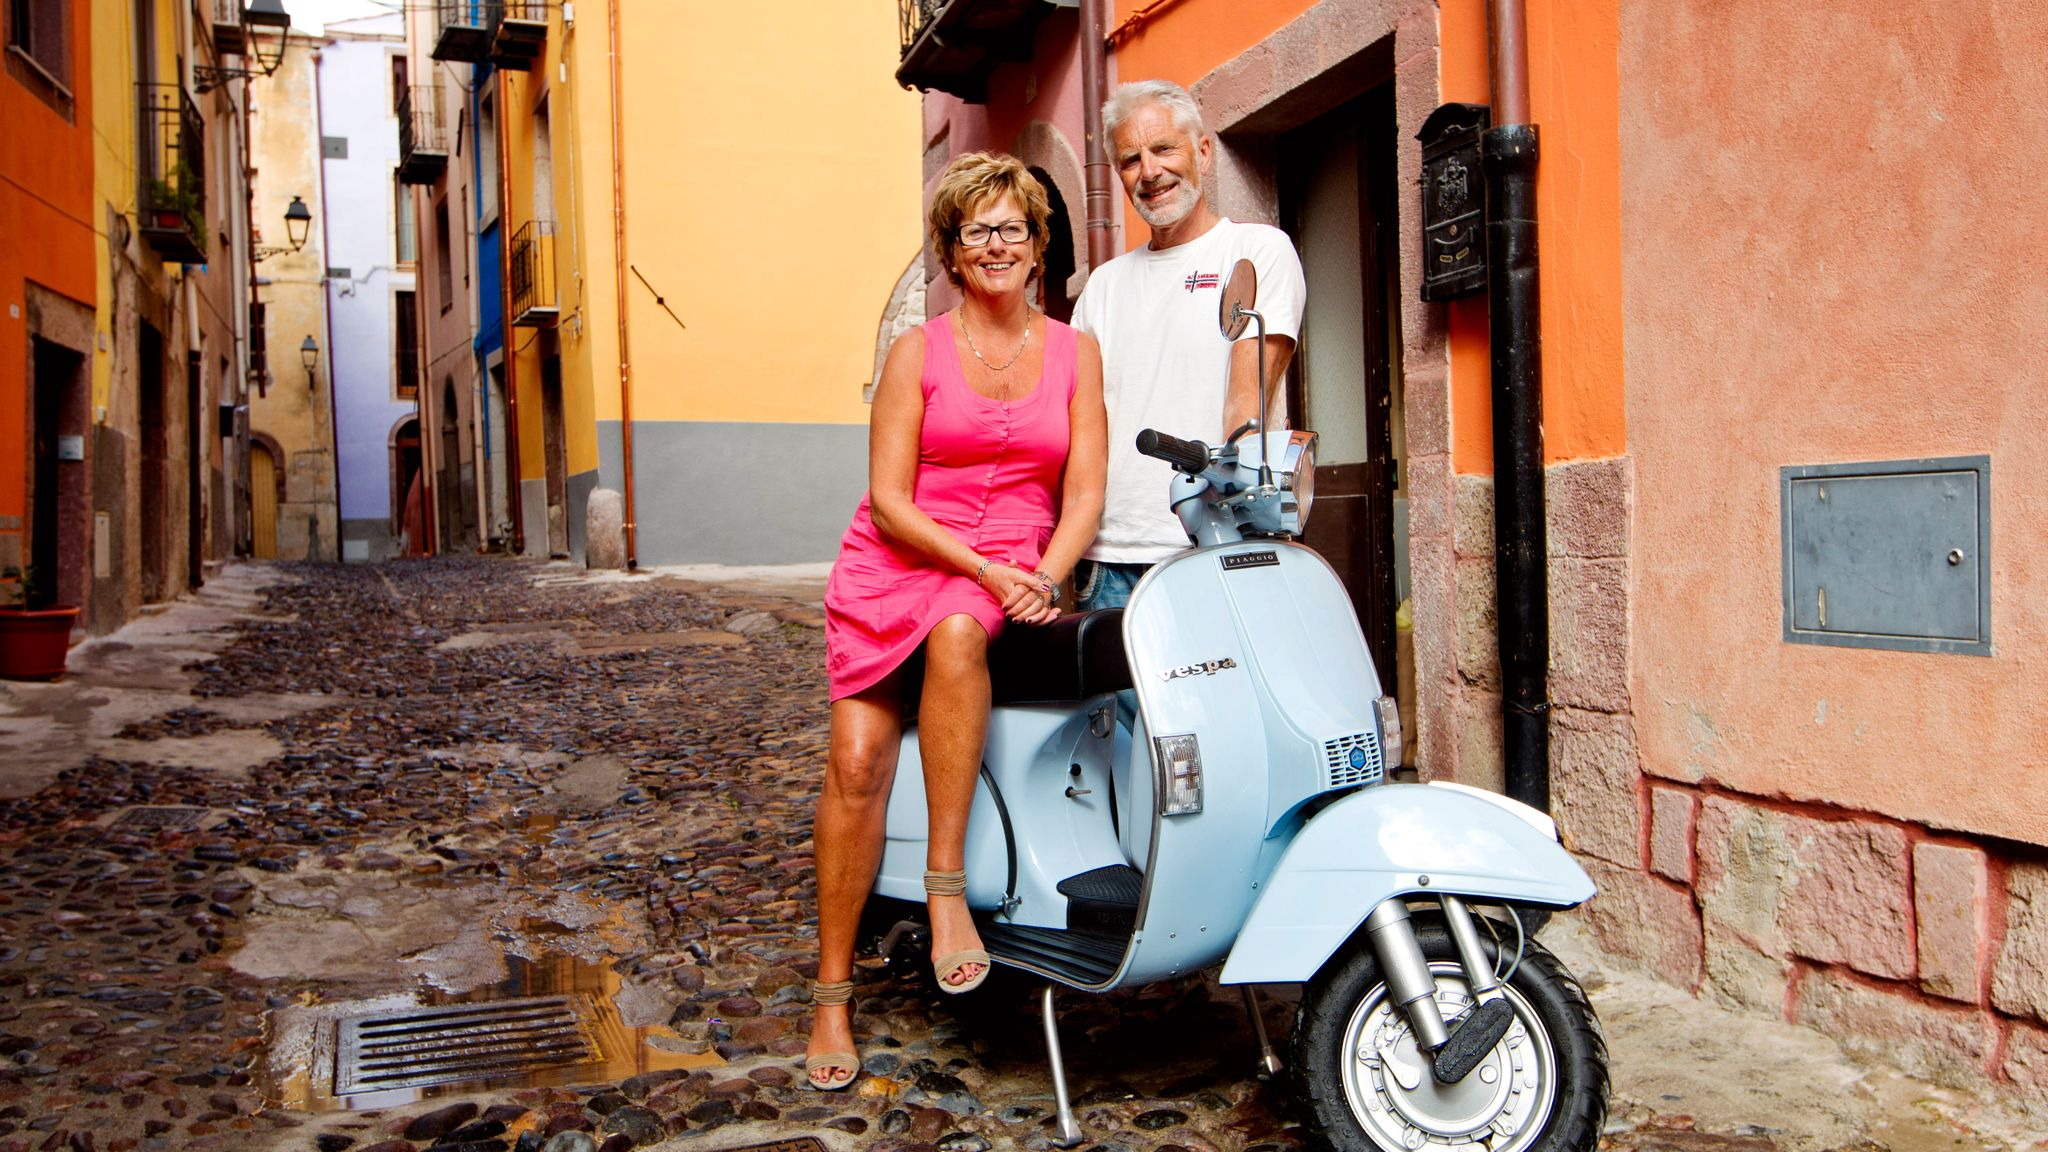 63643a78 Over 70.000 nordmenn eier bolig i utlandet: Jan og Unni kjøpte hus i Italia  usett